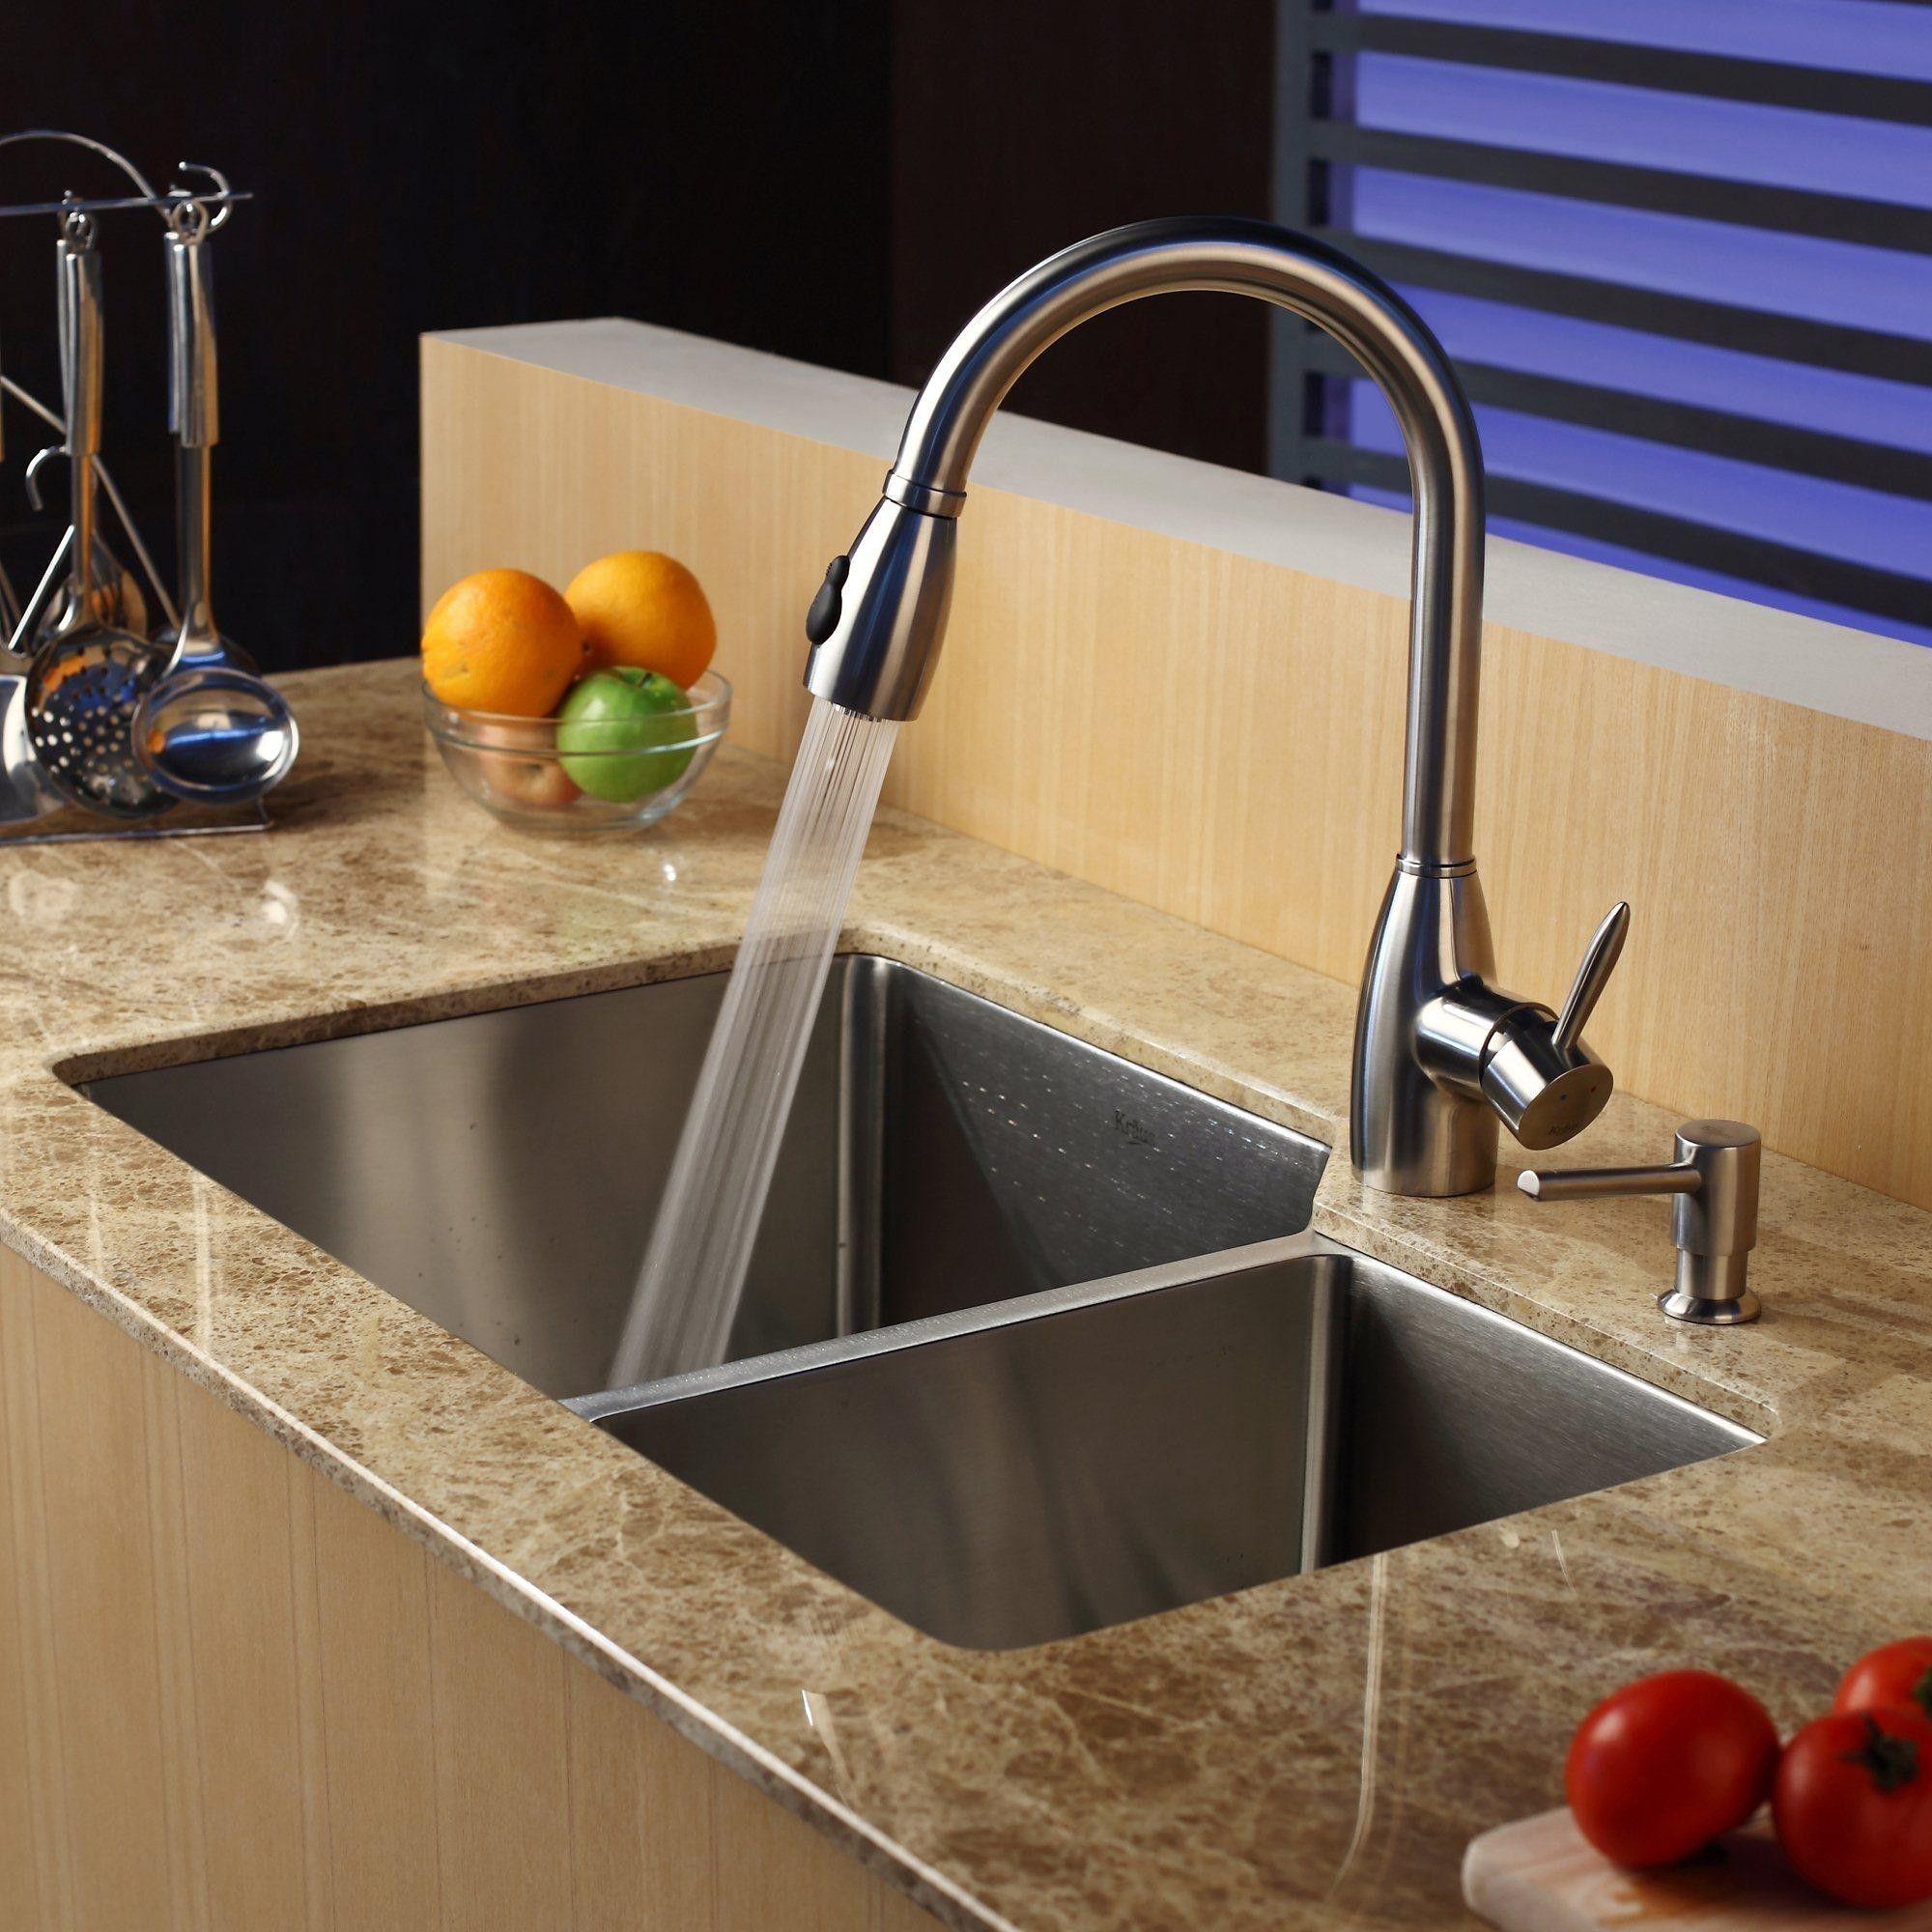 35 Best Inspiring Corner Kitchen Sink Cabinet Designs Ideas For Home Undermount Kitchen Sinks Double Bowl Undermount Kitchen Sink Kitchen Soap Dispenser